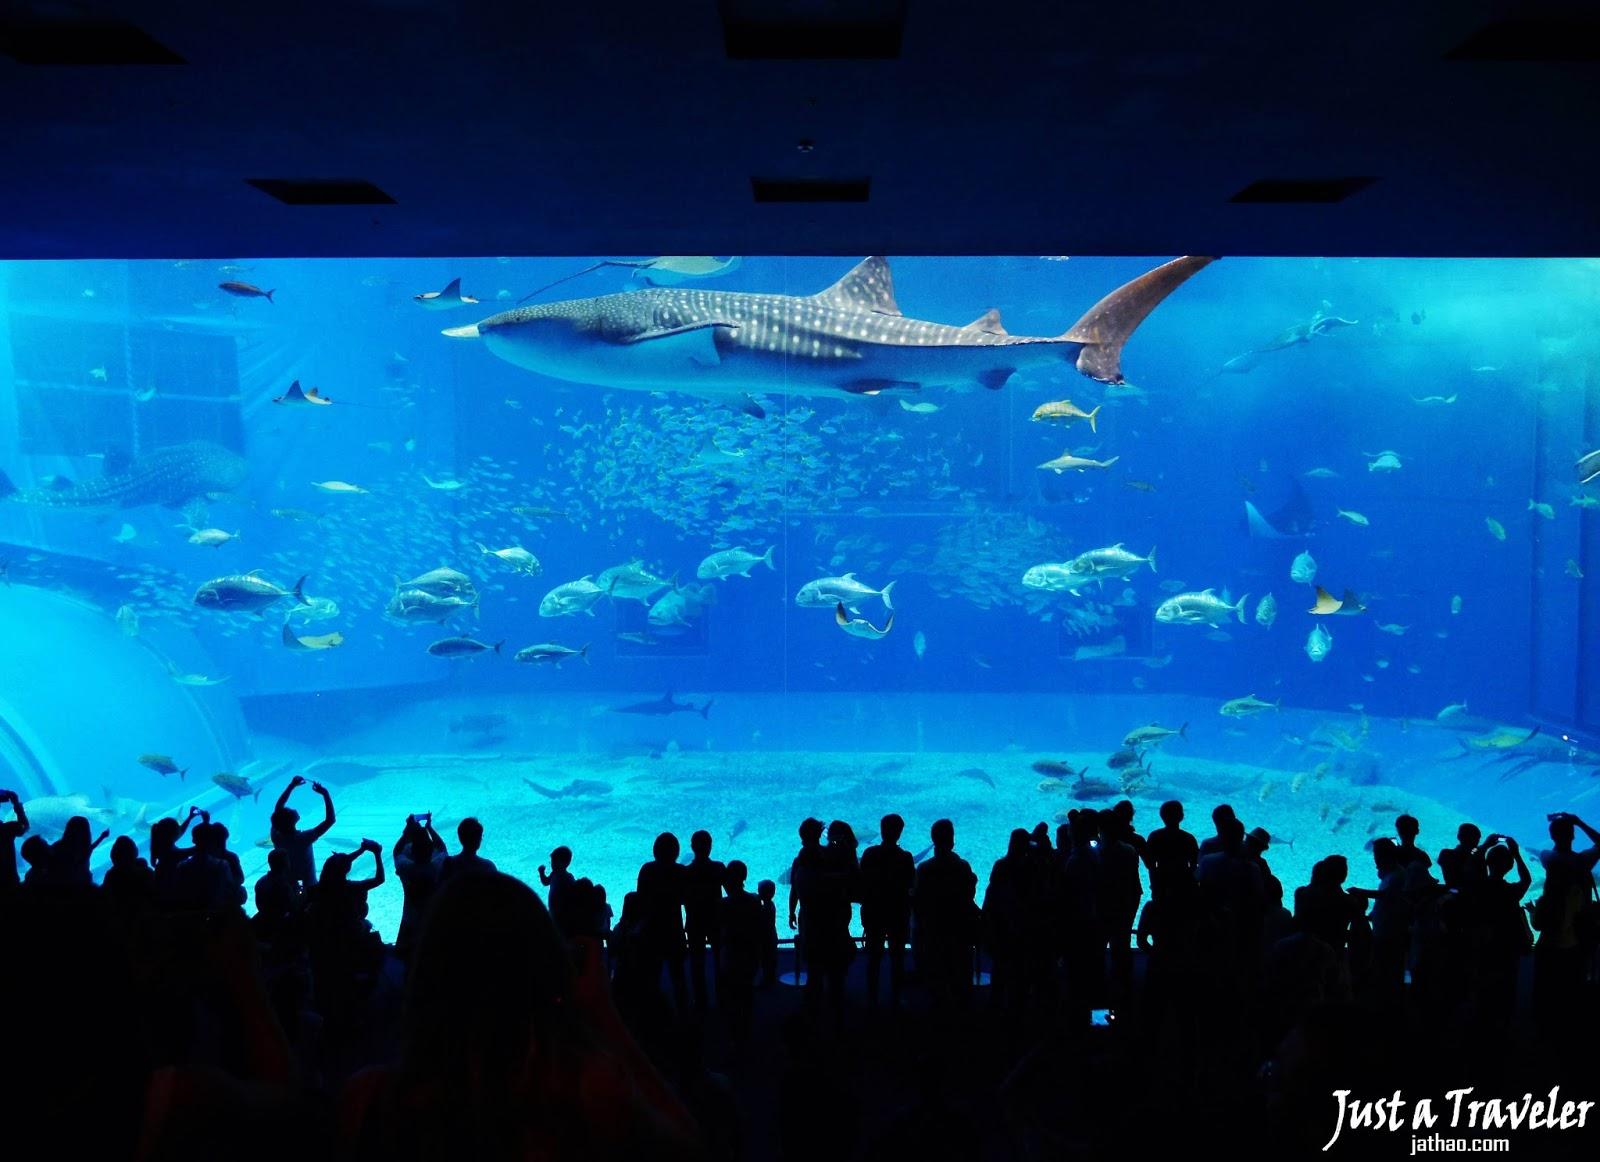 沖繩-景點-推薦-美麗海水族館-海洋博公園-自由行-旅遊-Okinawa-attraction-Ocean-Expo-Park-Toruist-destination